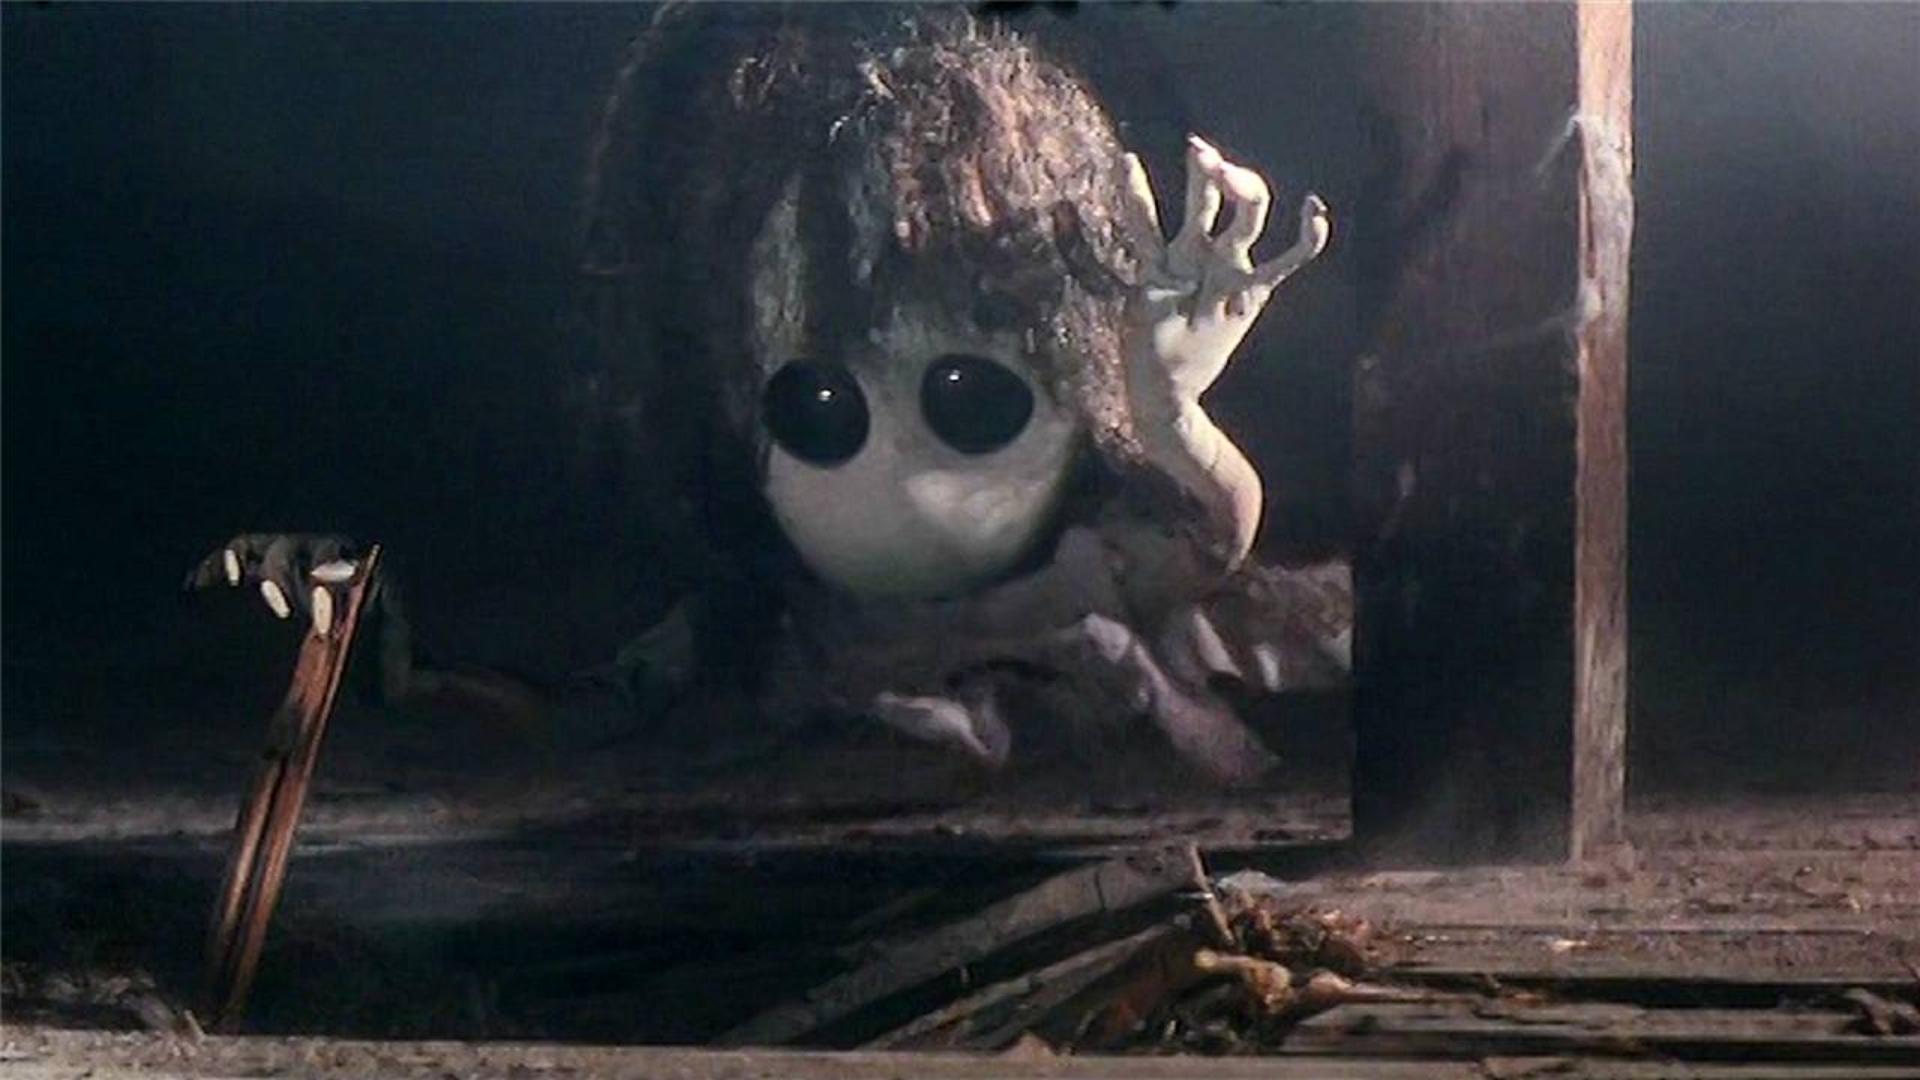 中国恐怖电影的巅峰之作,现在看依旧很吓人!《黑楼孤魂》